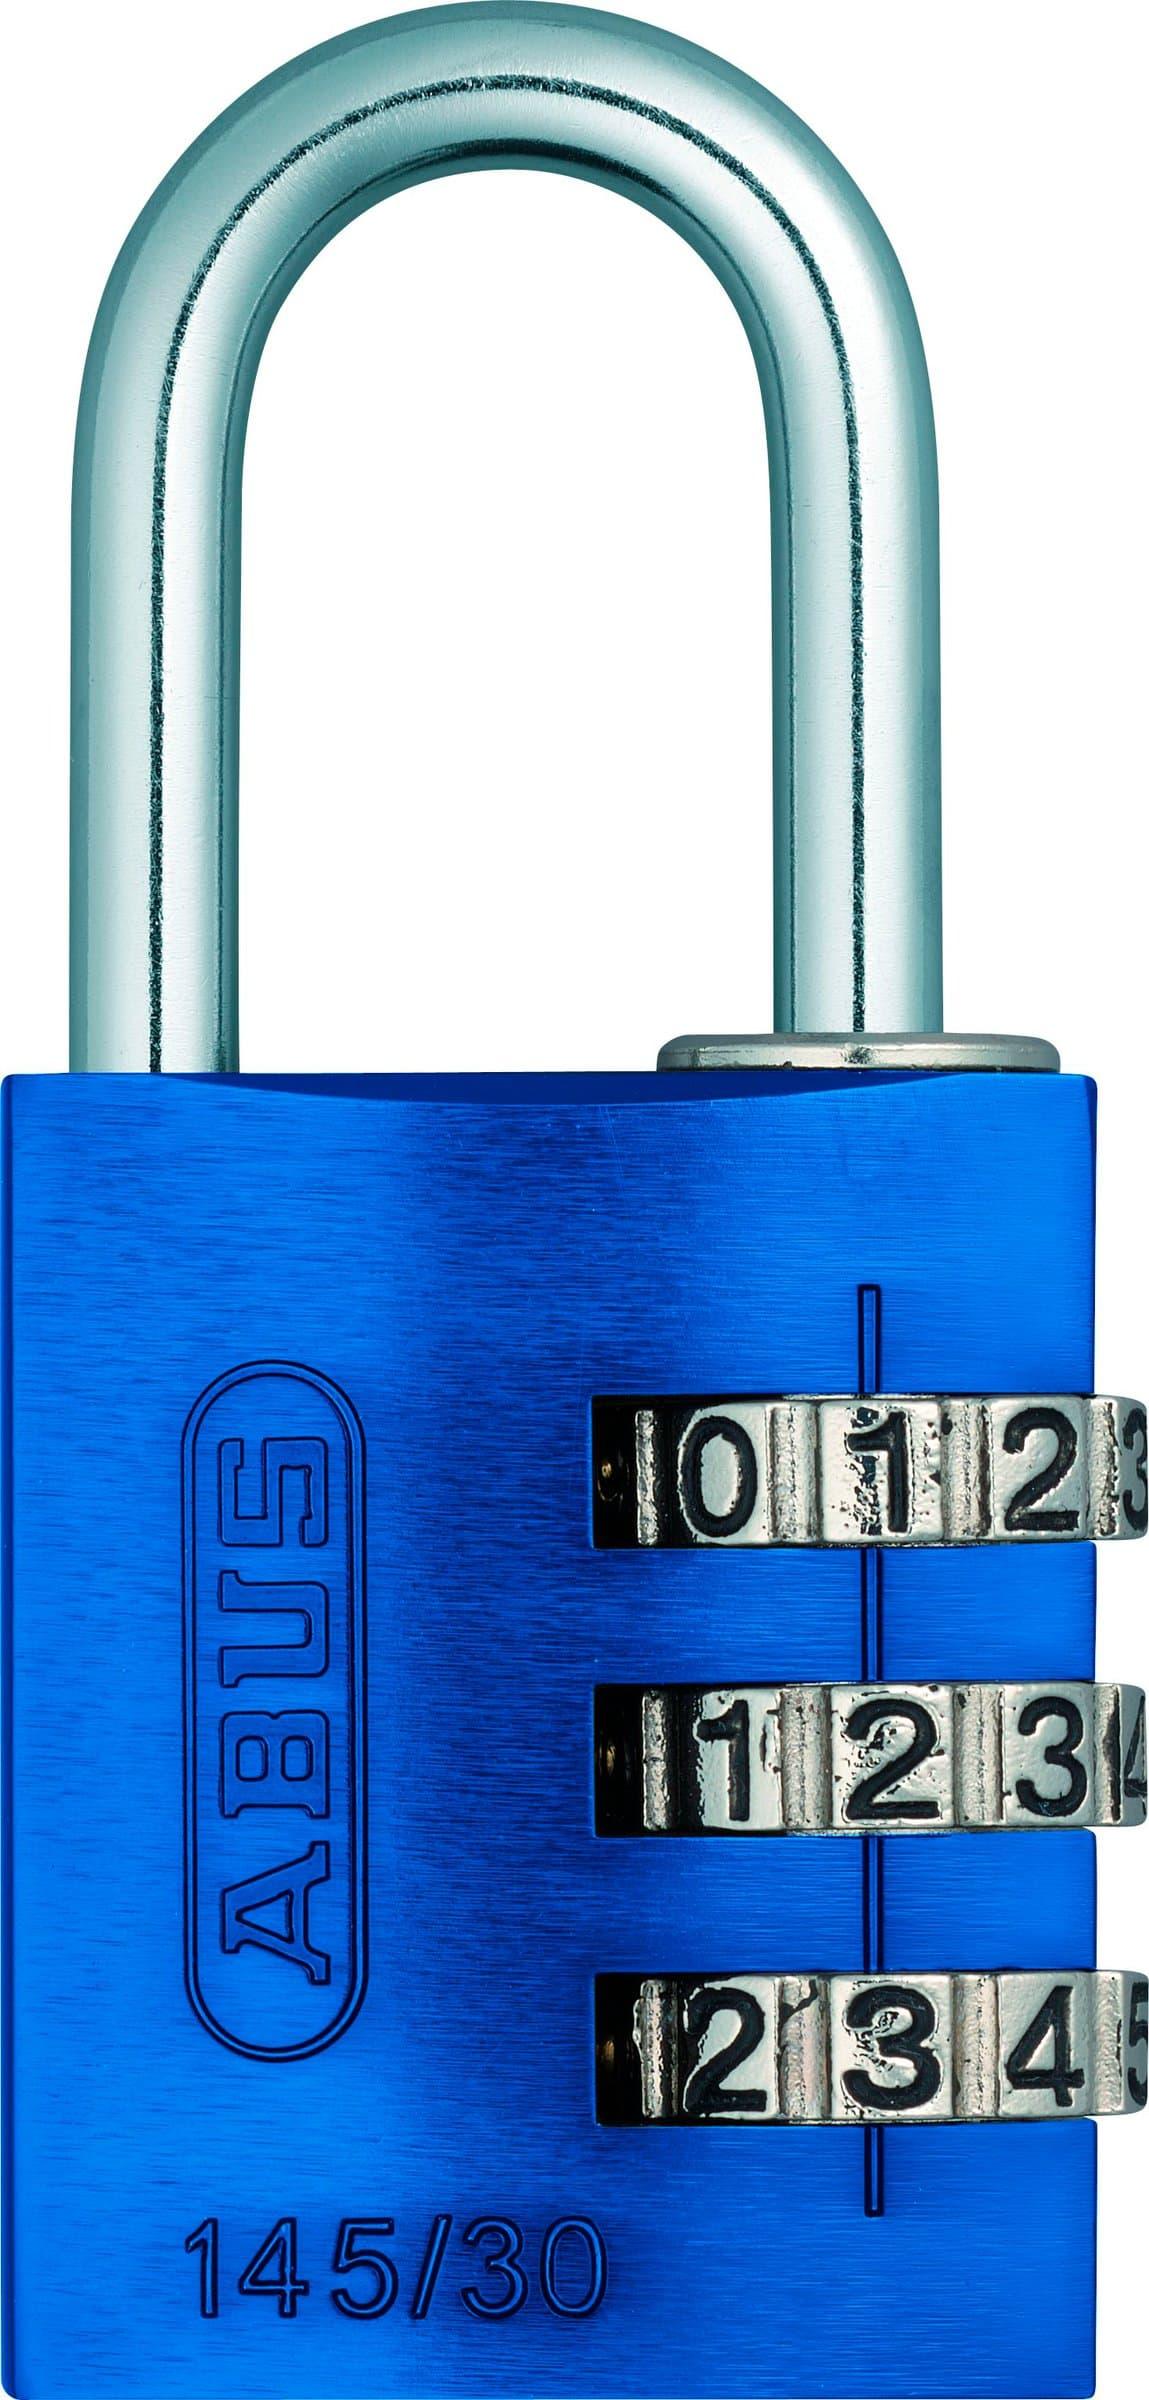 Abus Zahlenschloss 145/30 Blau